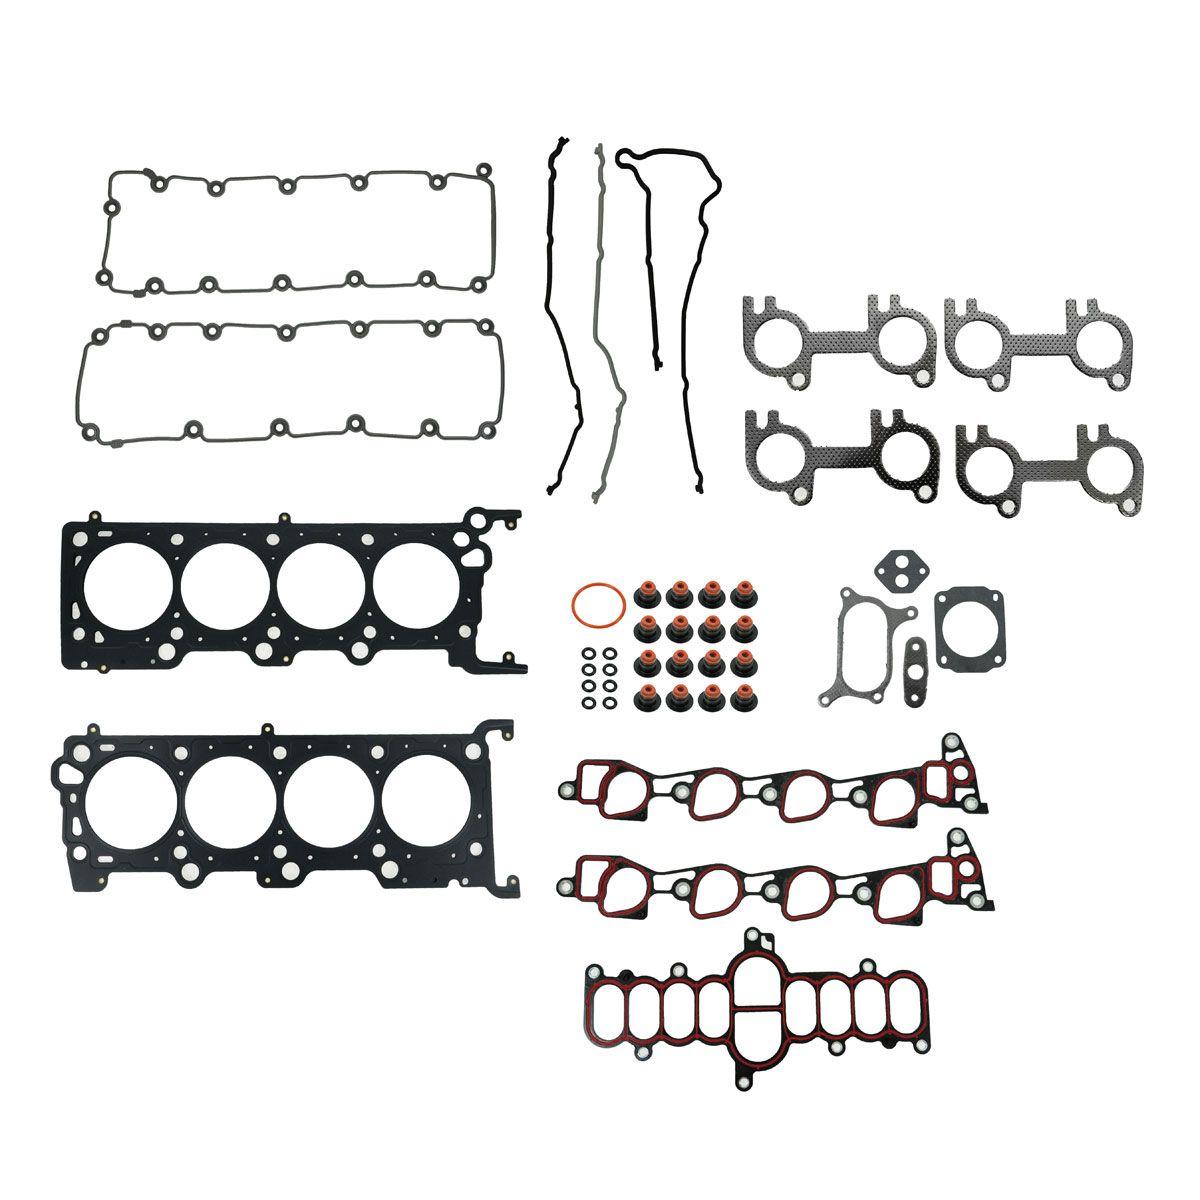 Engine Steel Head Gasket Set for Ford F-Series Truck Econoline Van 5.4L V8